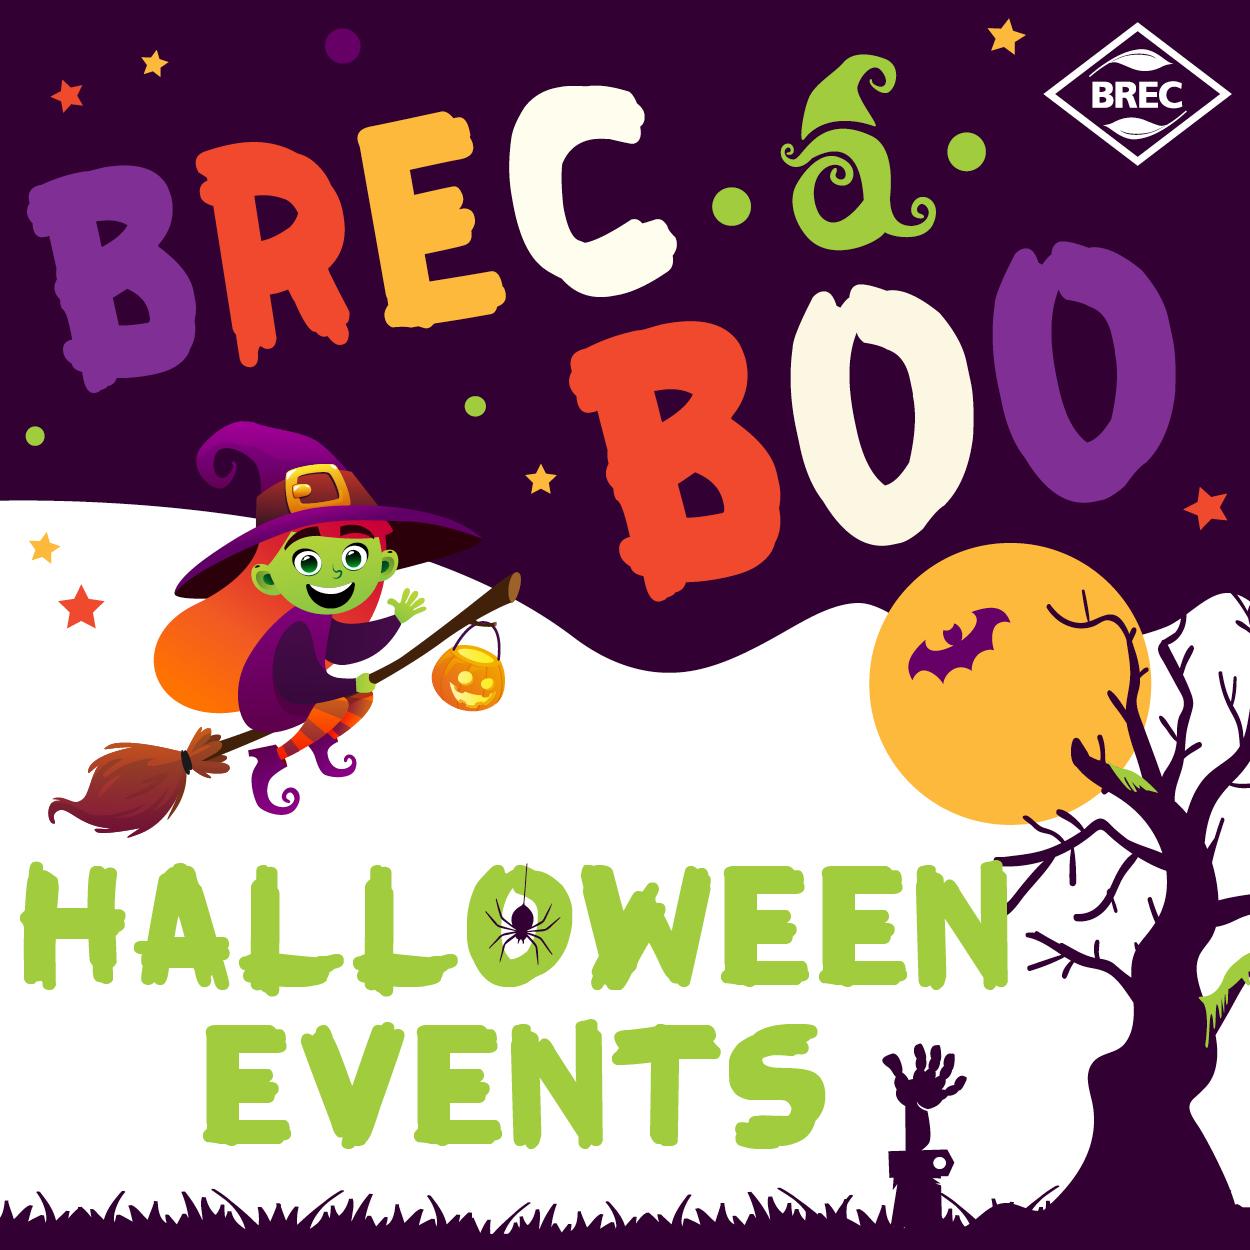 BREC Halloween Events BREC A Boo